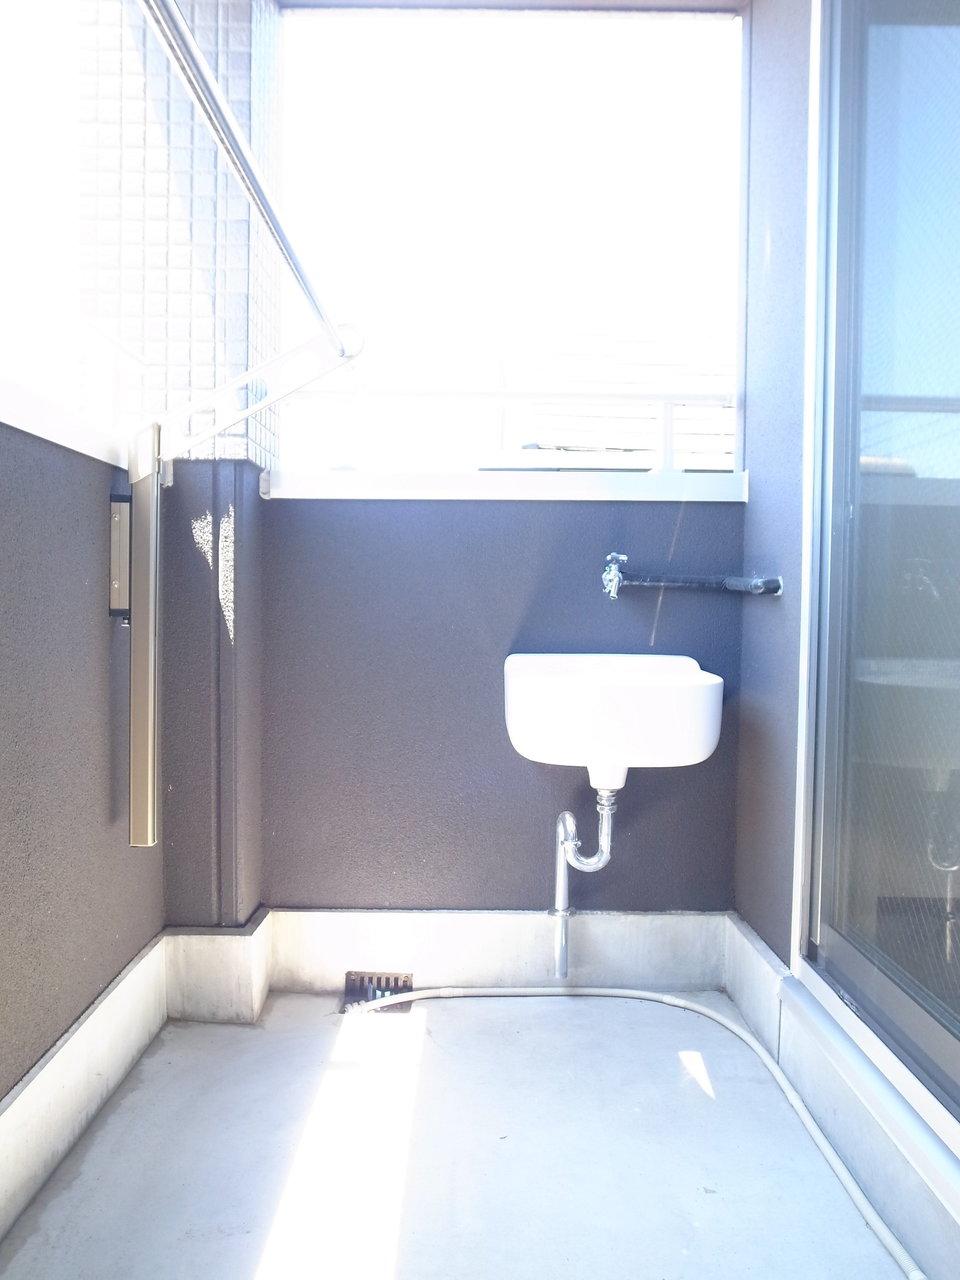 しかもこちらはペット可物件!ベランダには手洗い場がありました。汚れも気にせず遊ばせて上げられそうです。